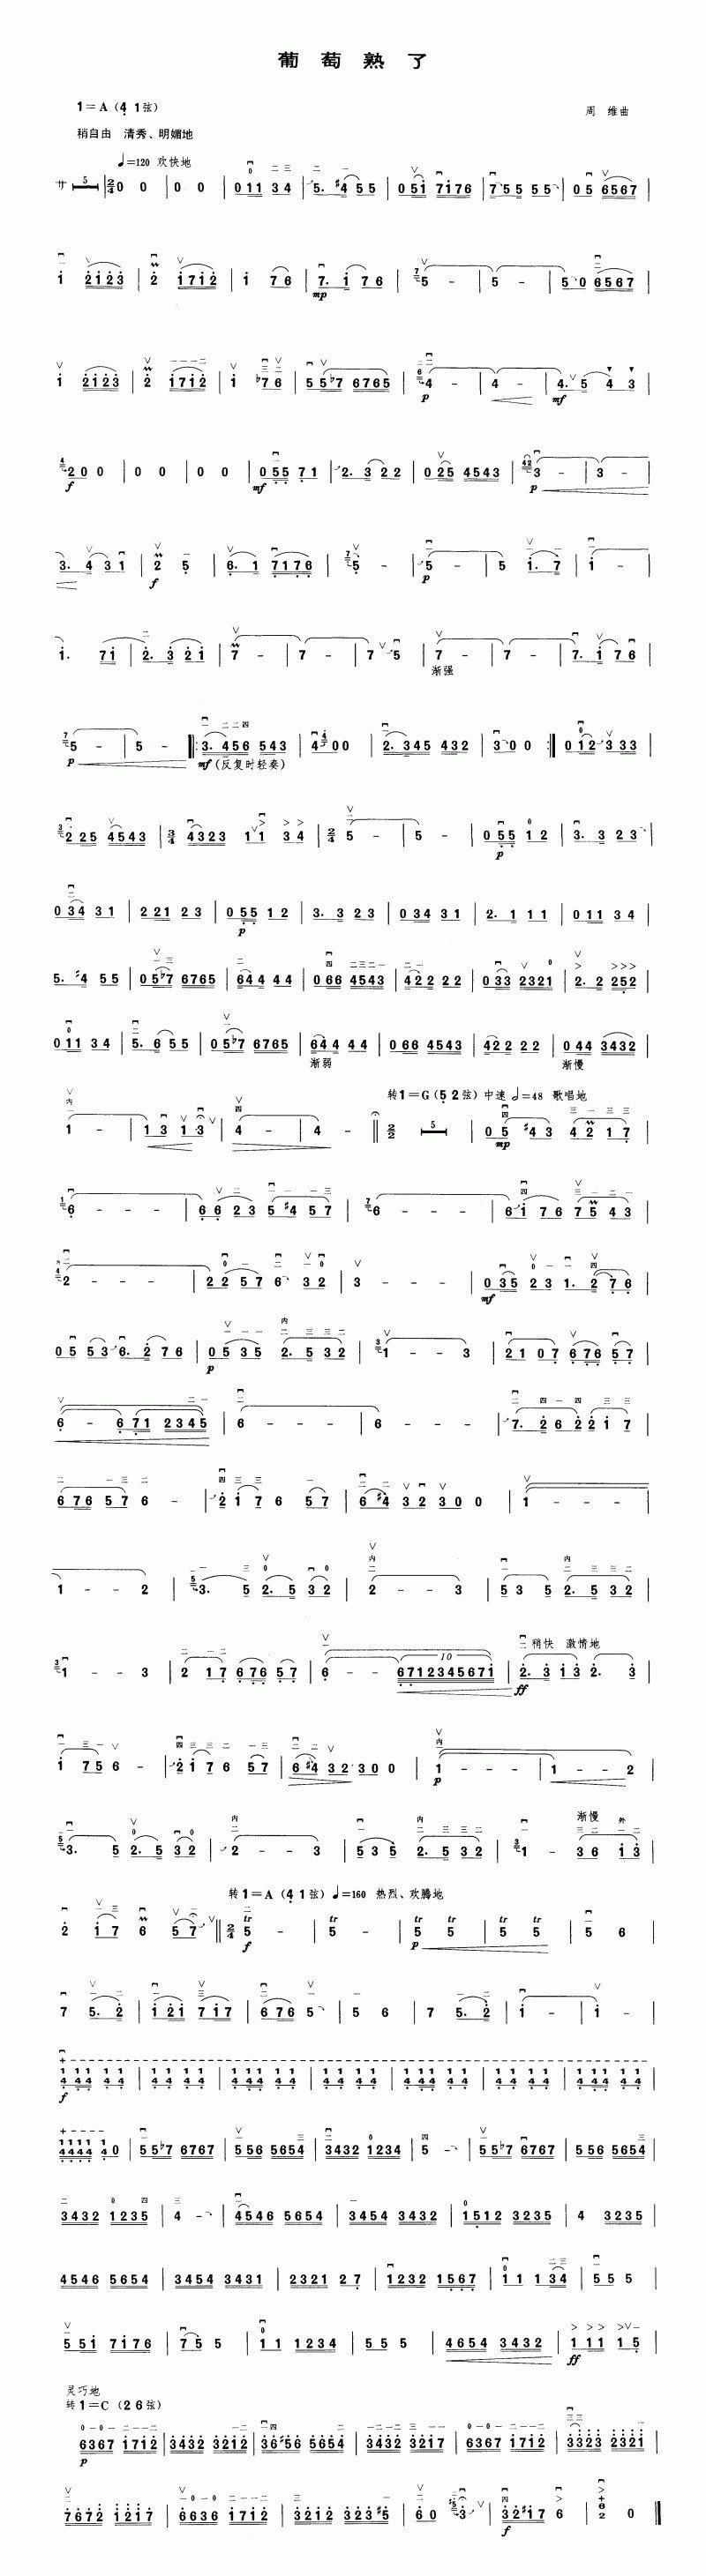 二胡独奏曲 葡萄熟了下载 简谱下载 五线谱下载 曲谱网 曲谱大全